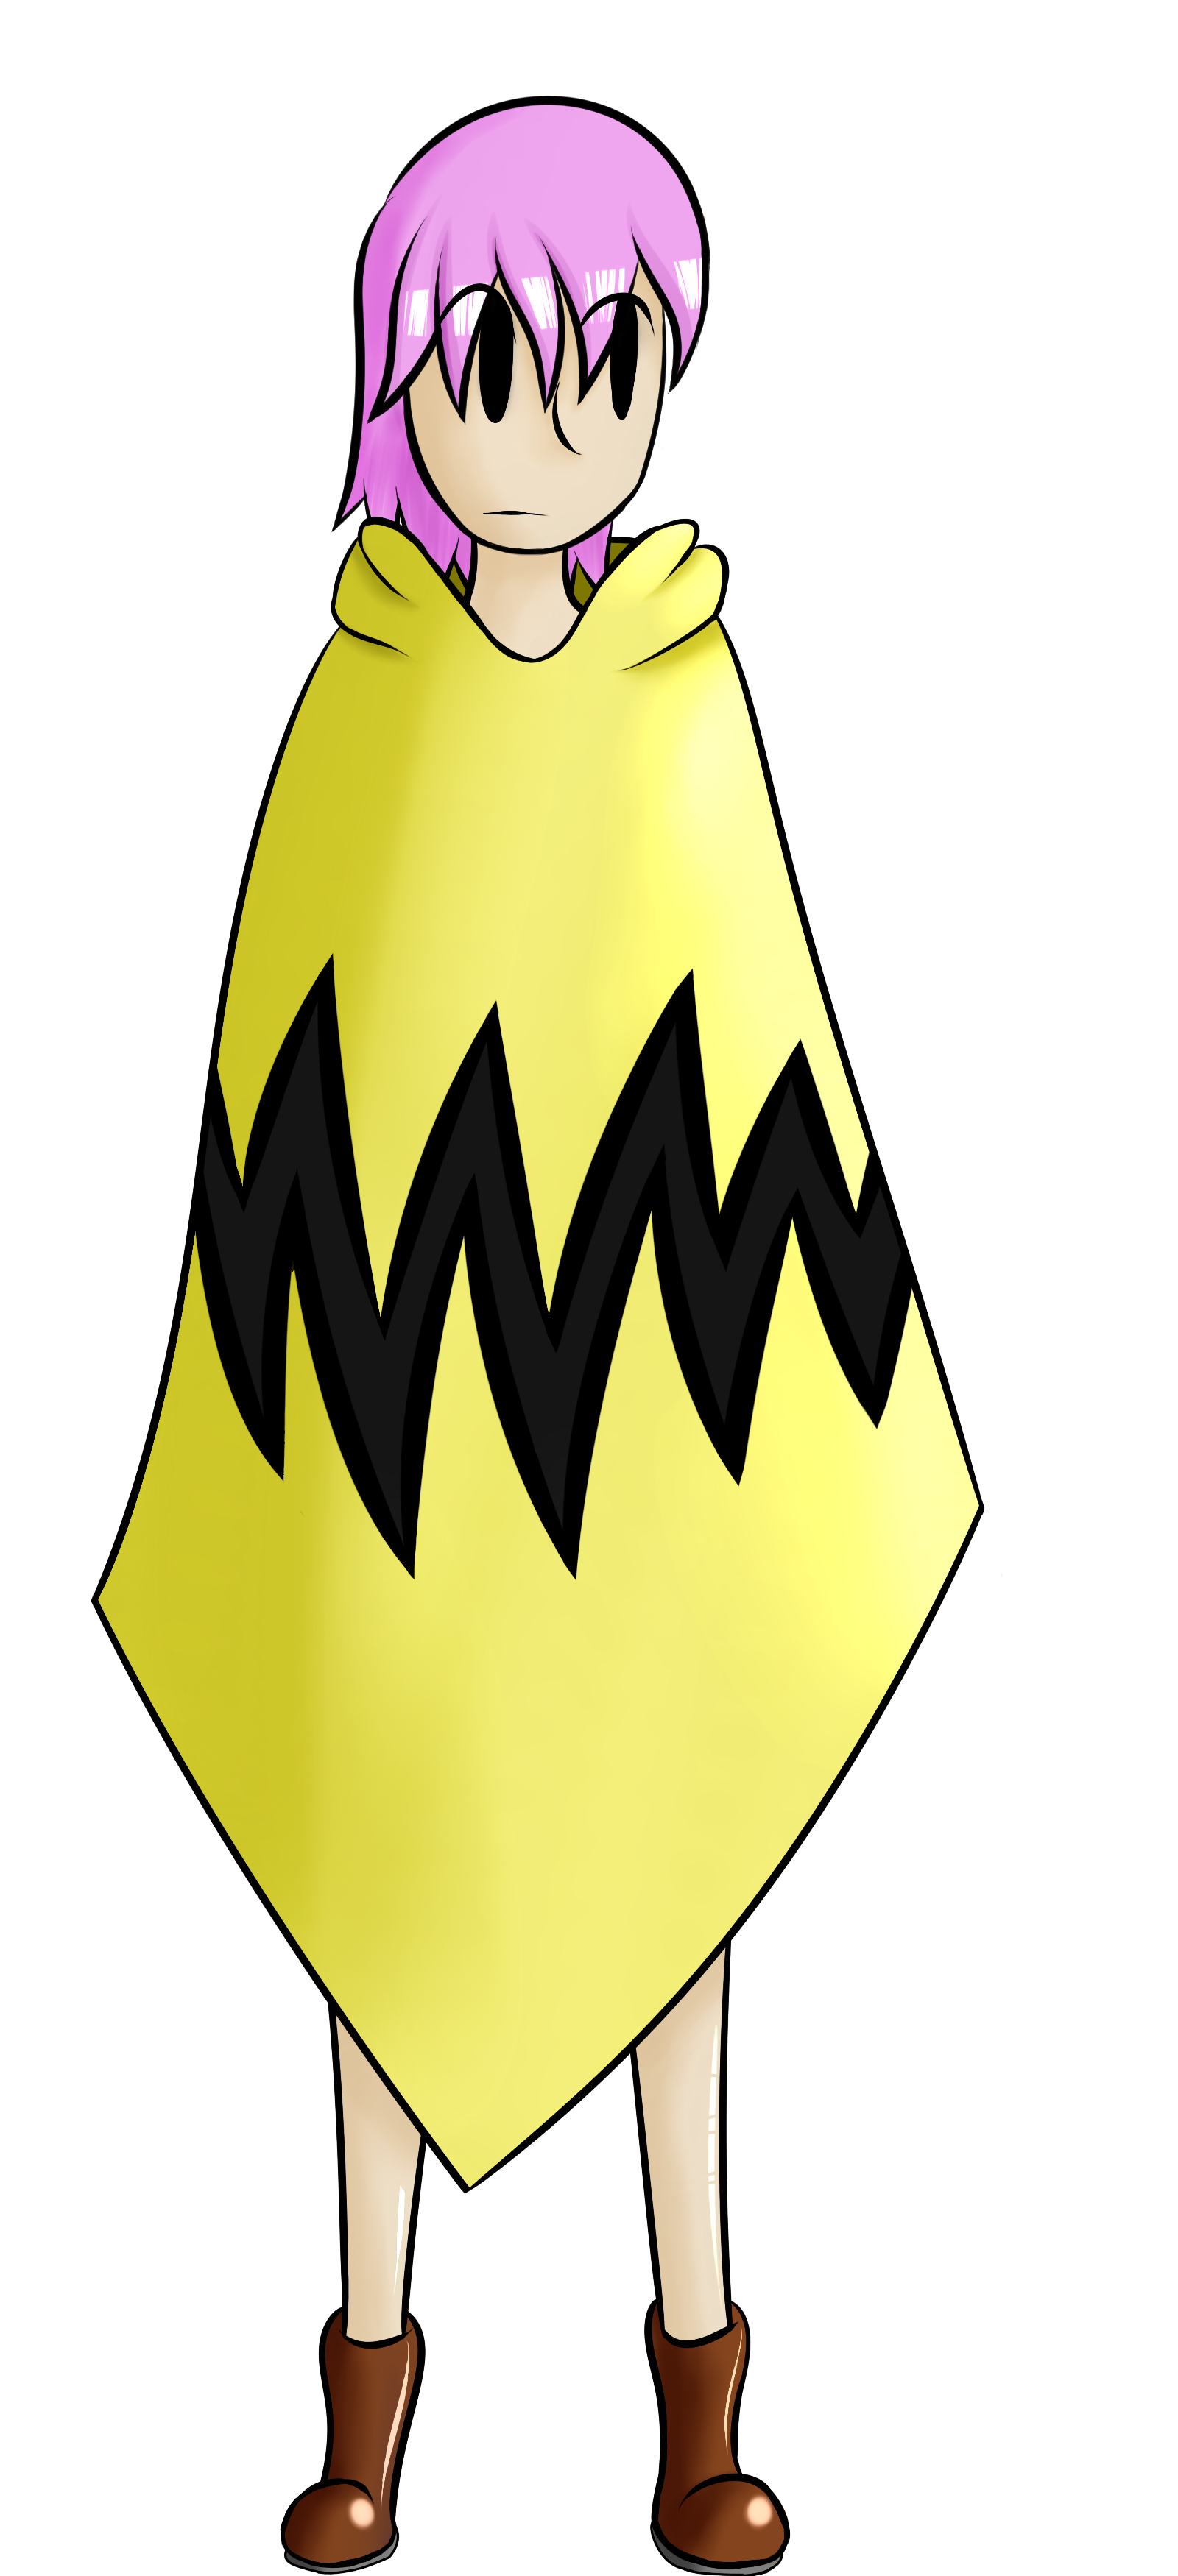 Wax: the knife knight